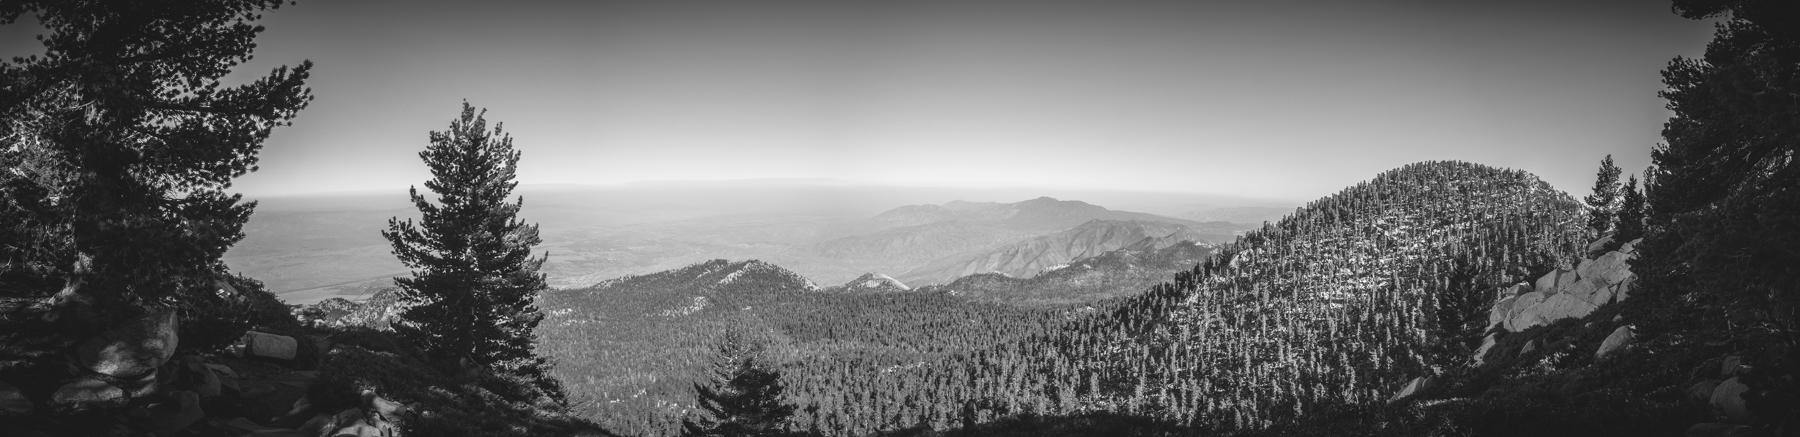 2017-07-02 San Jacinto Peak B (18 of 30).jpg